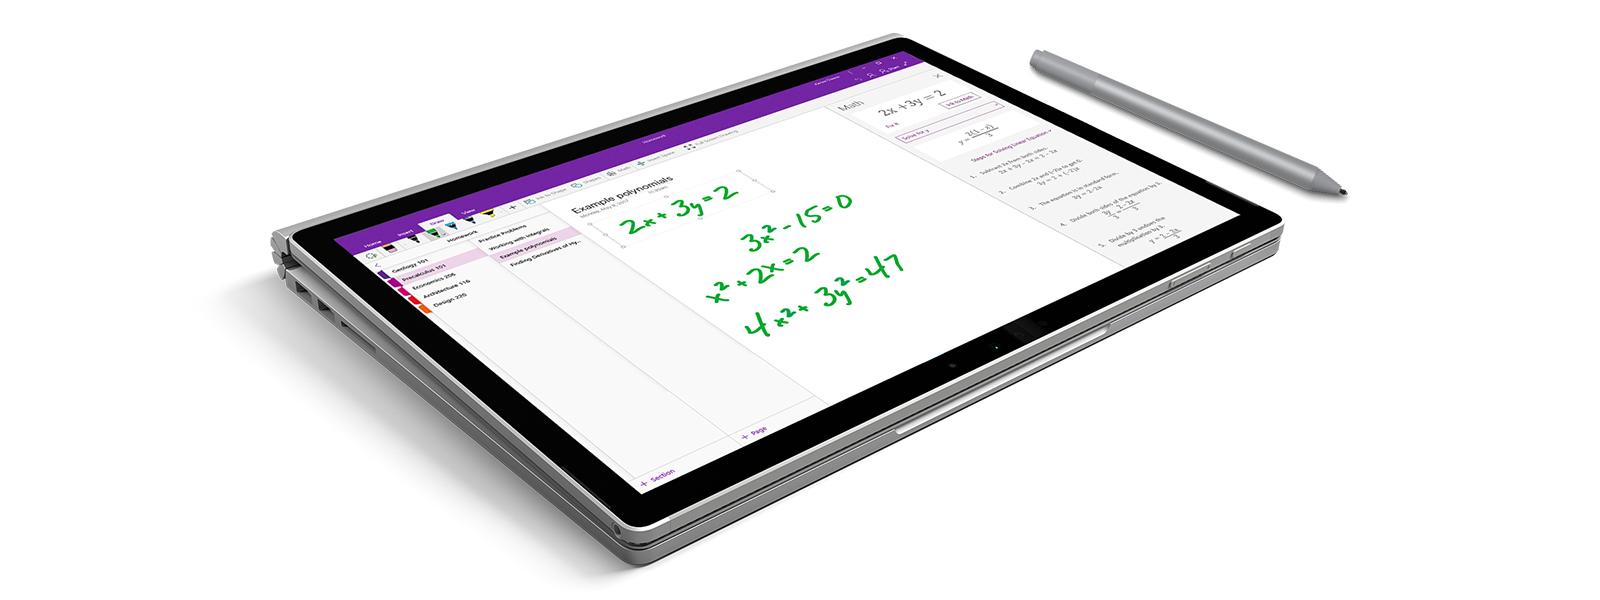 Copie d'écran d'OneNote montrant l'Assistant Équation manuscrite